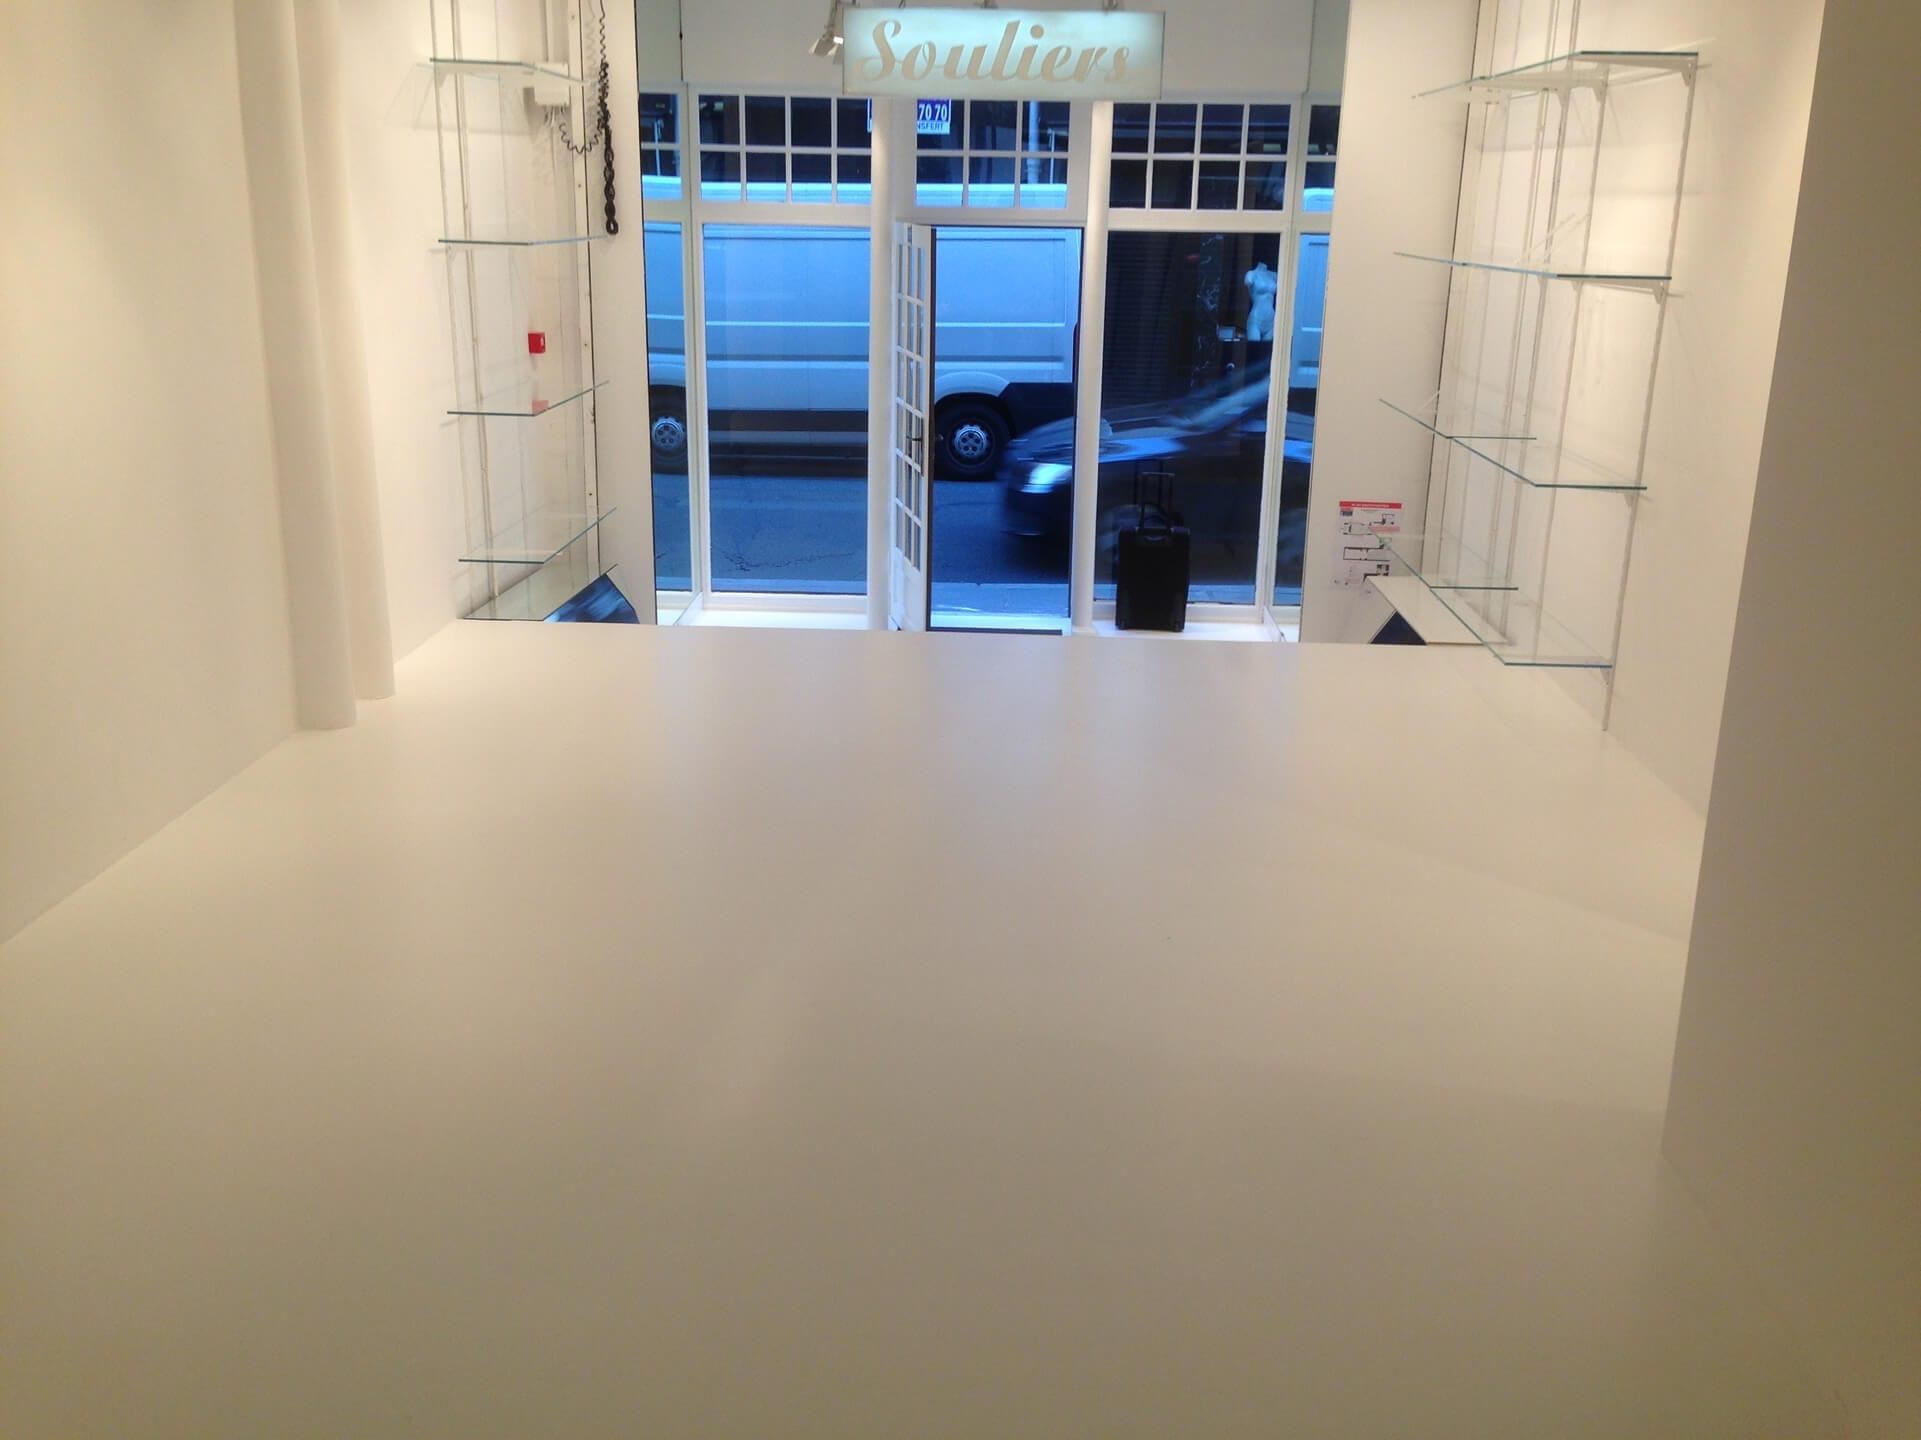 pavimento in resina all'ingresso di un negozio